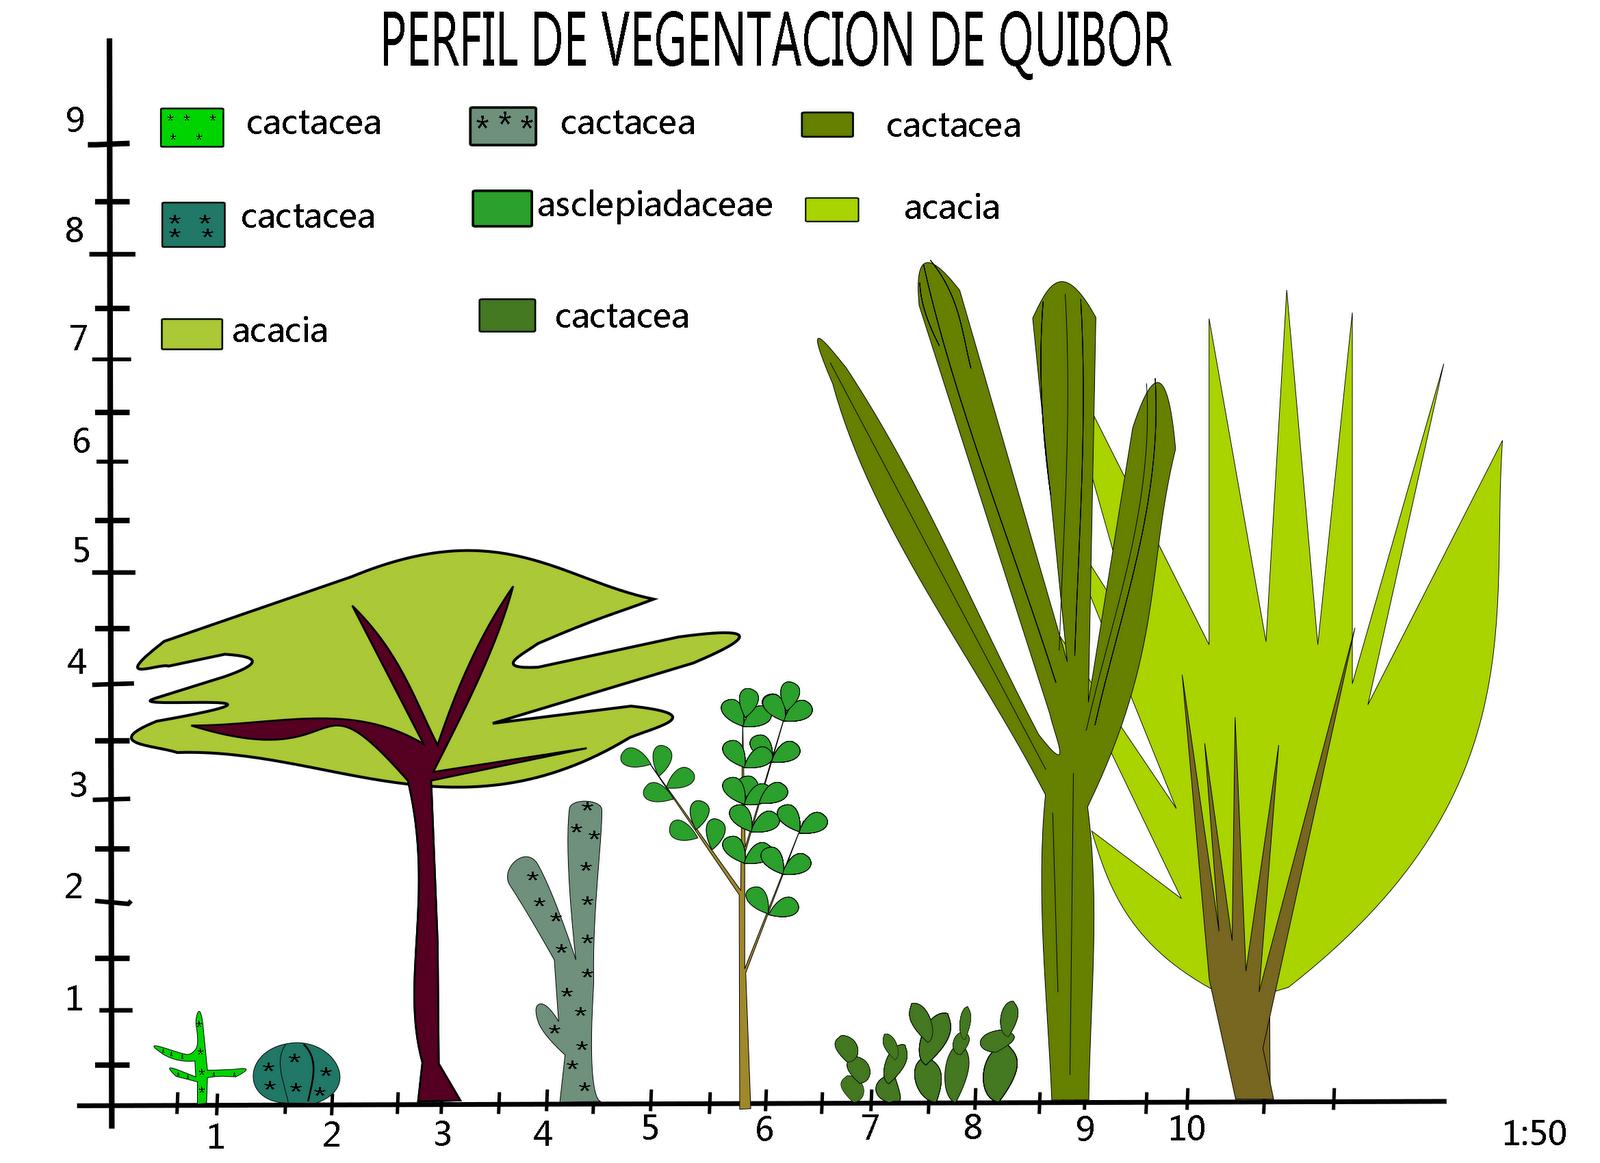 perfil de vegetación de Quibor